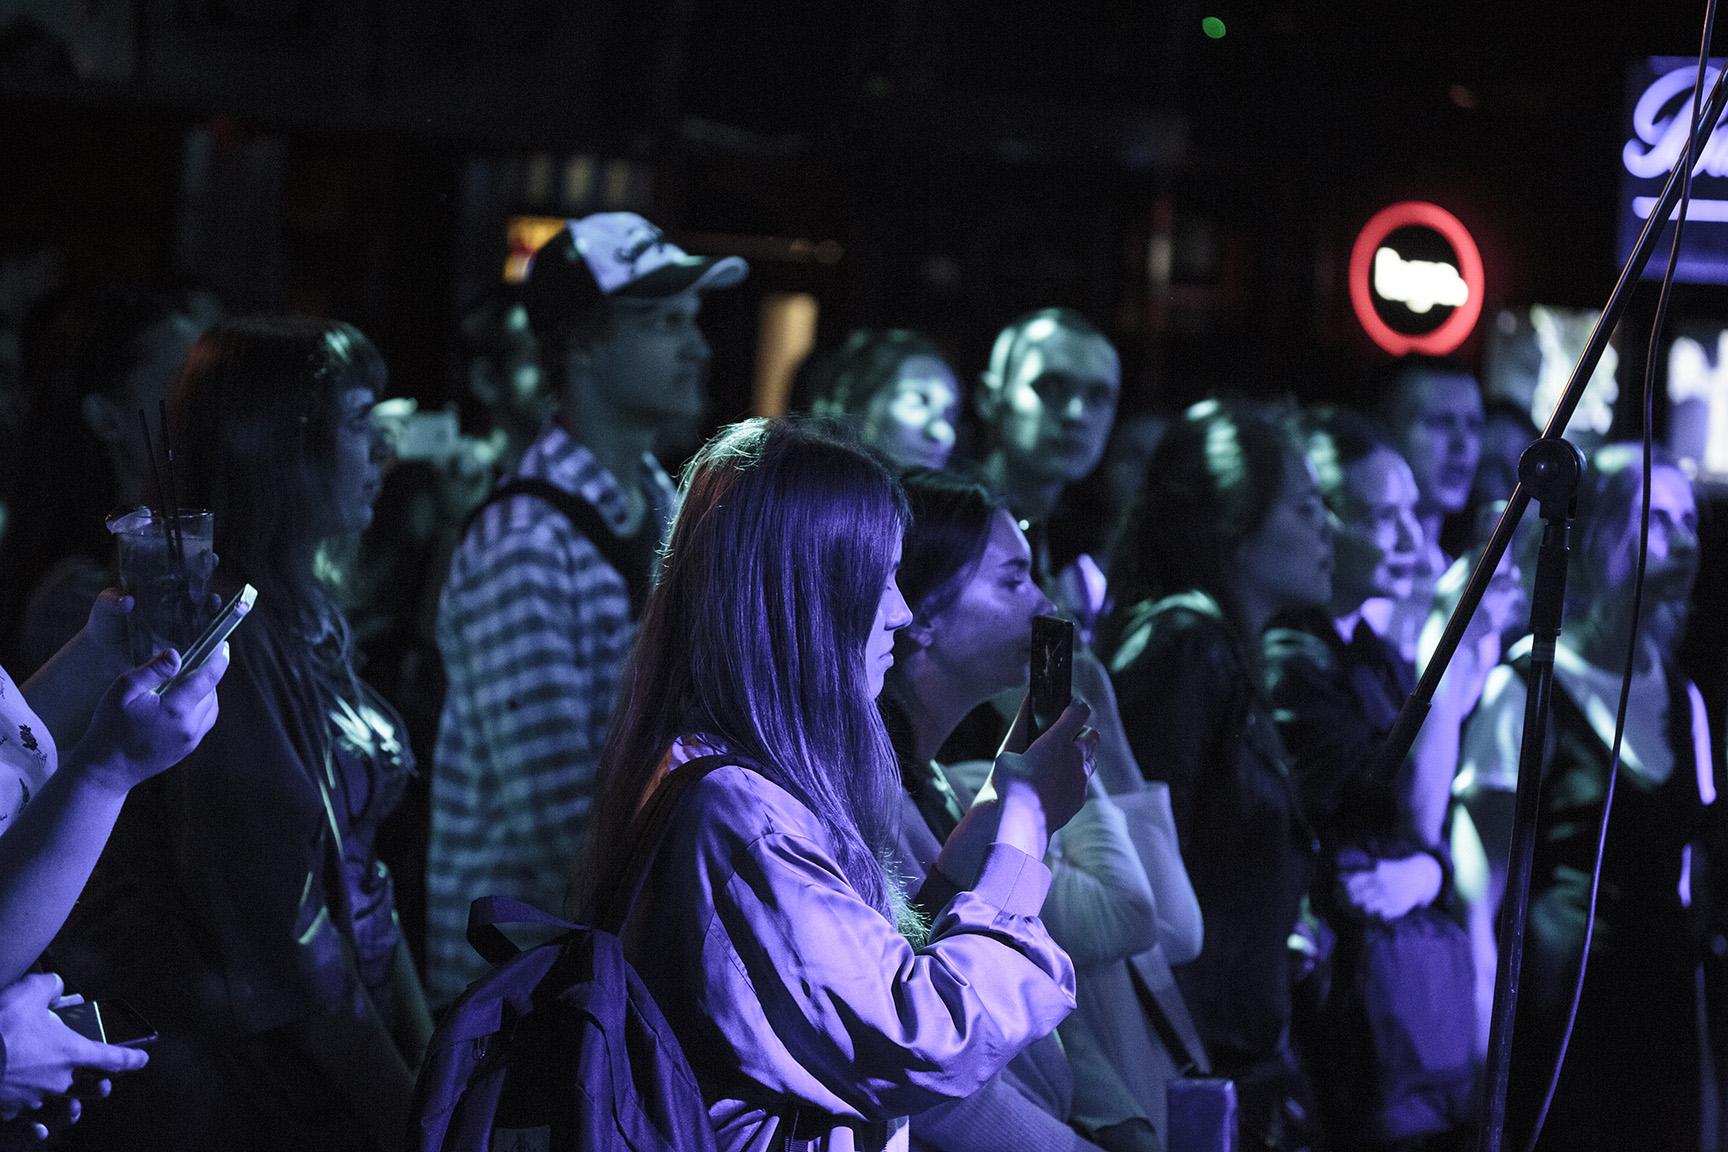 Фото J. Bernardt, Единственный концерт в Москве